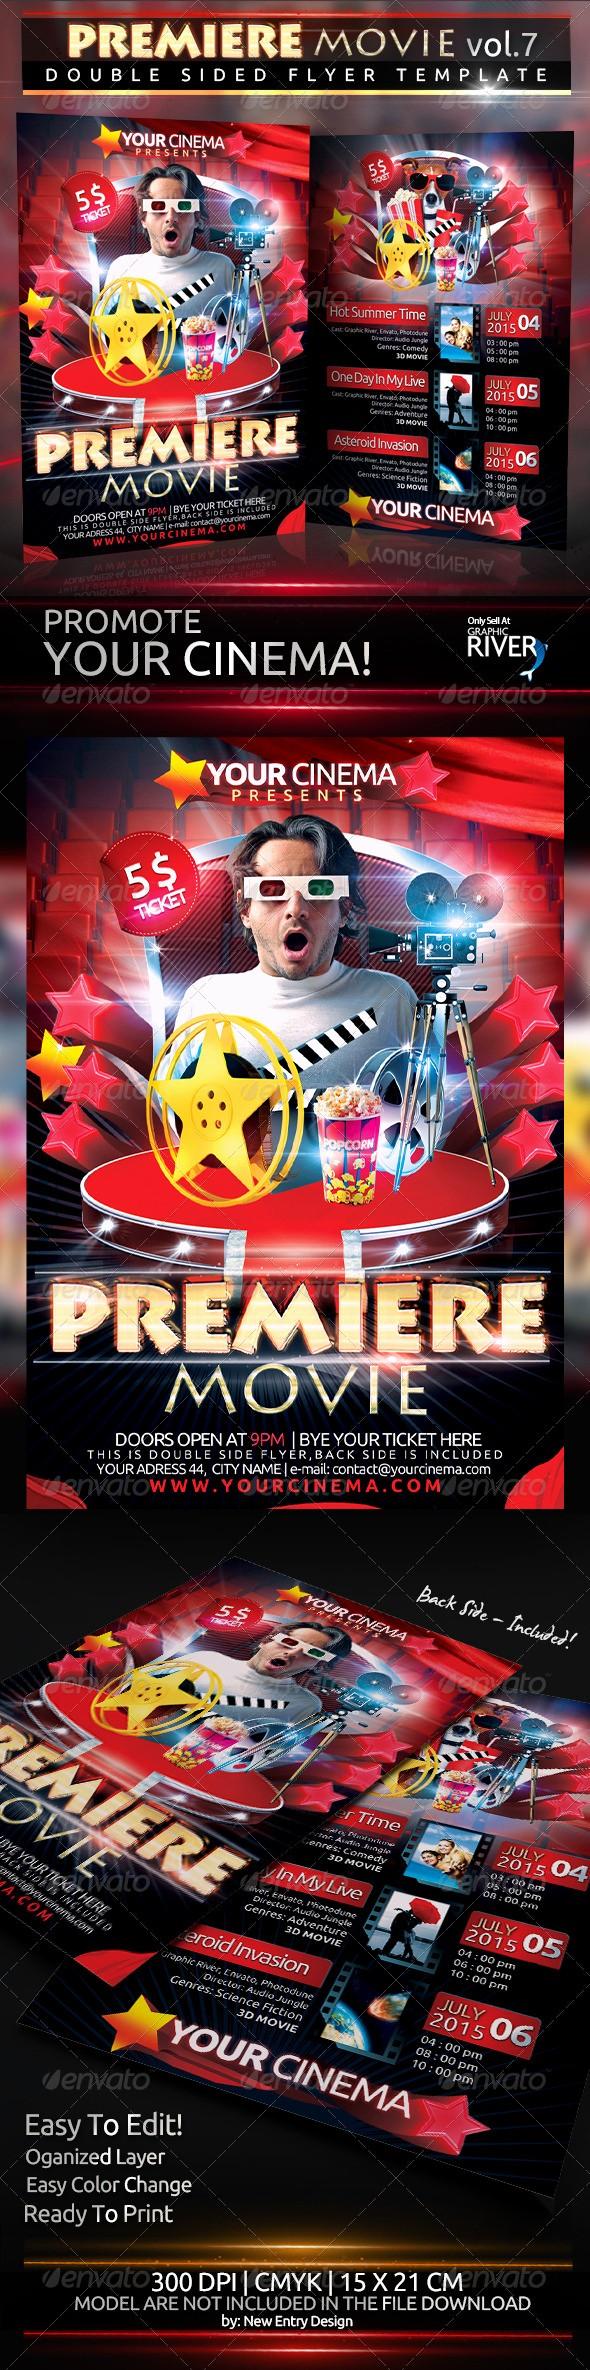 Movie Premiere Invitation Template Free Awesome Movie Premiere Invitation Template Dondrup